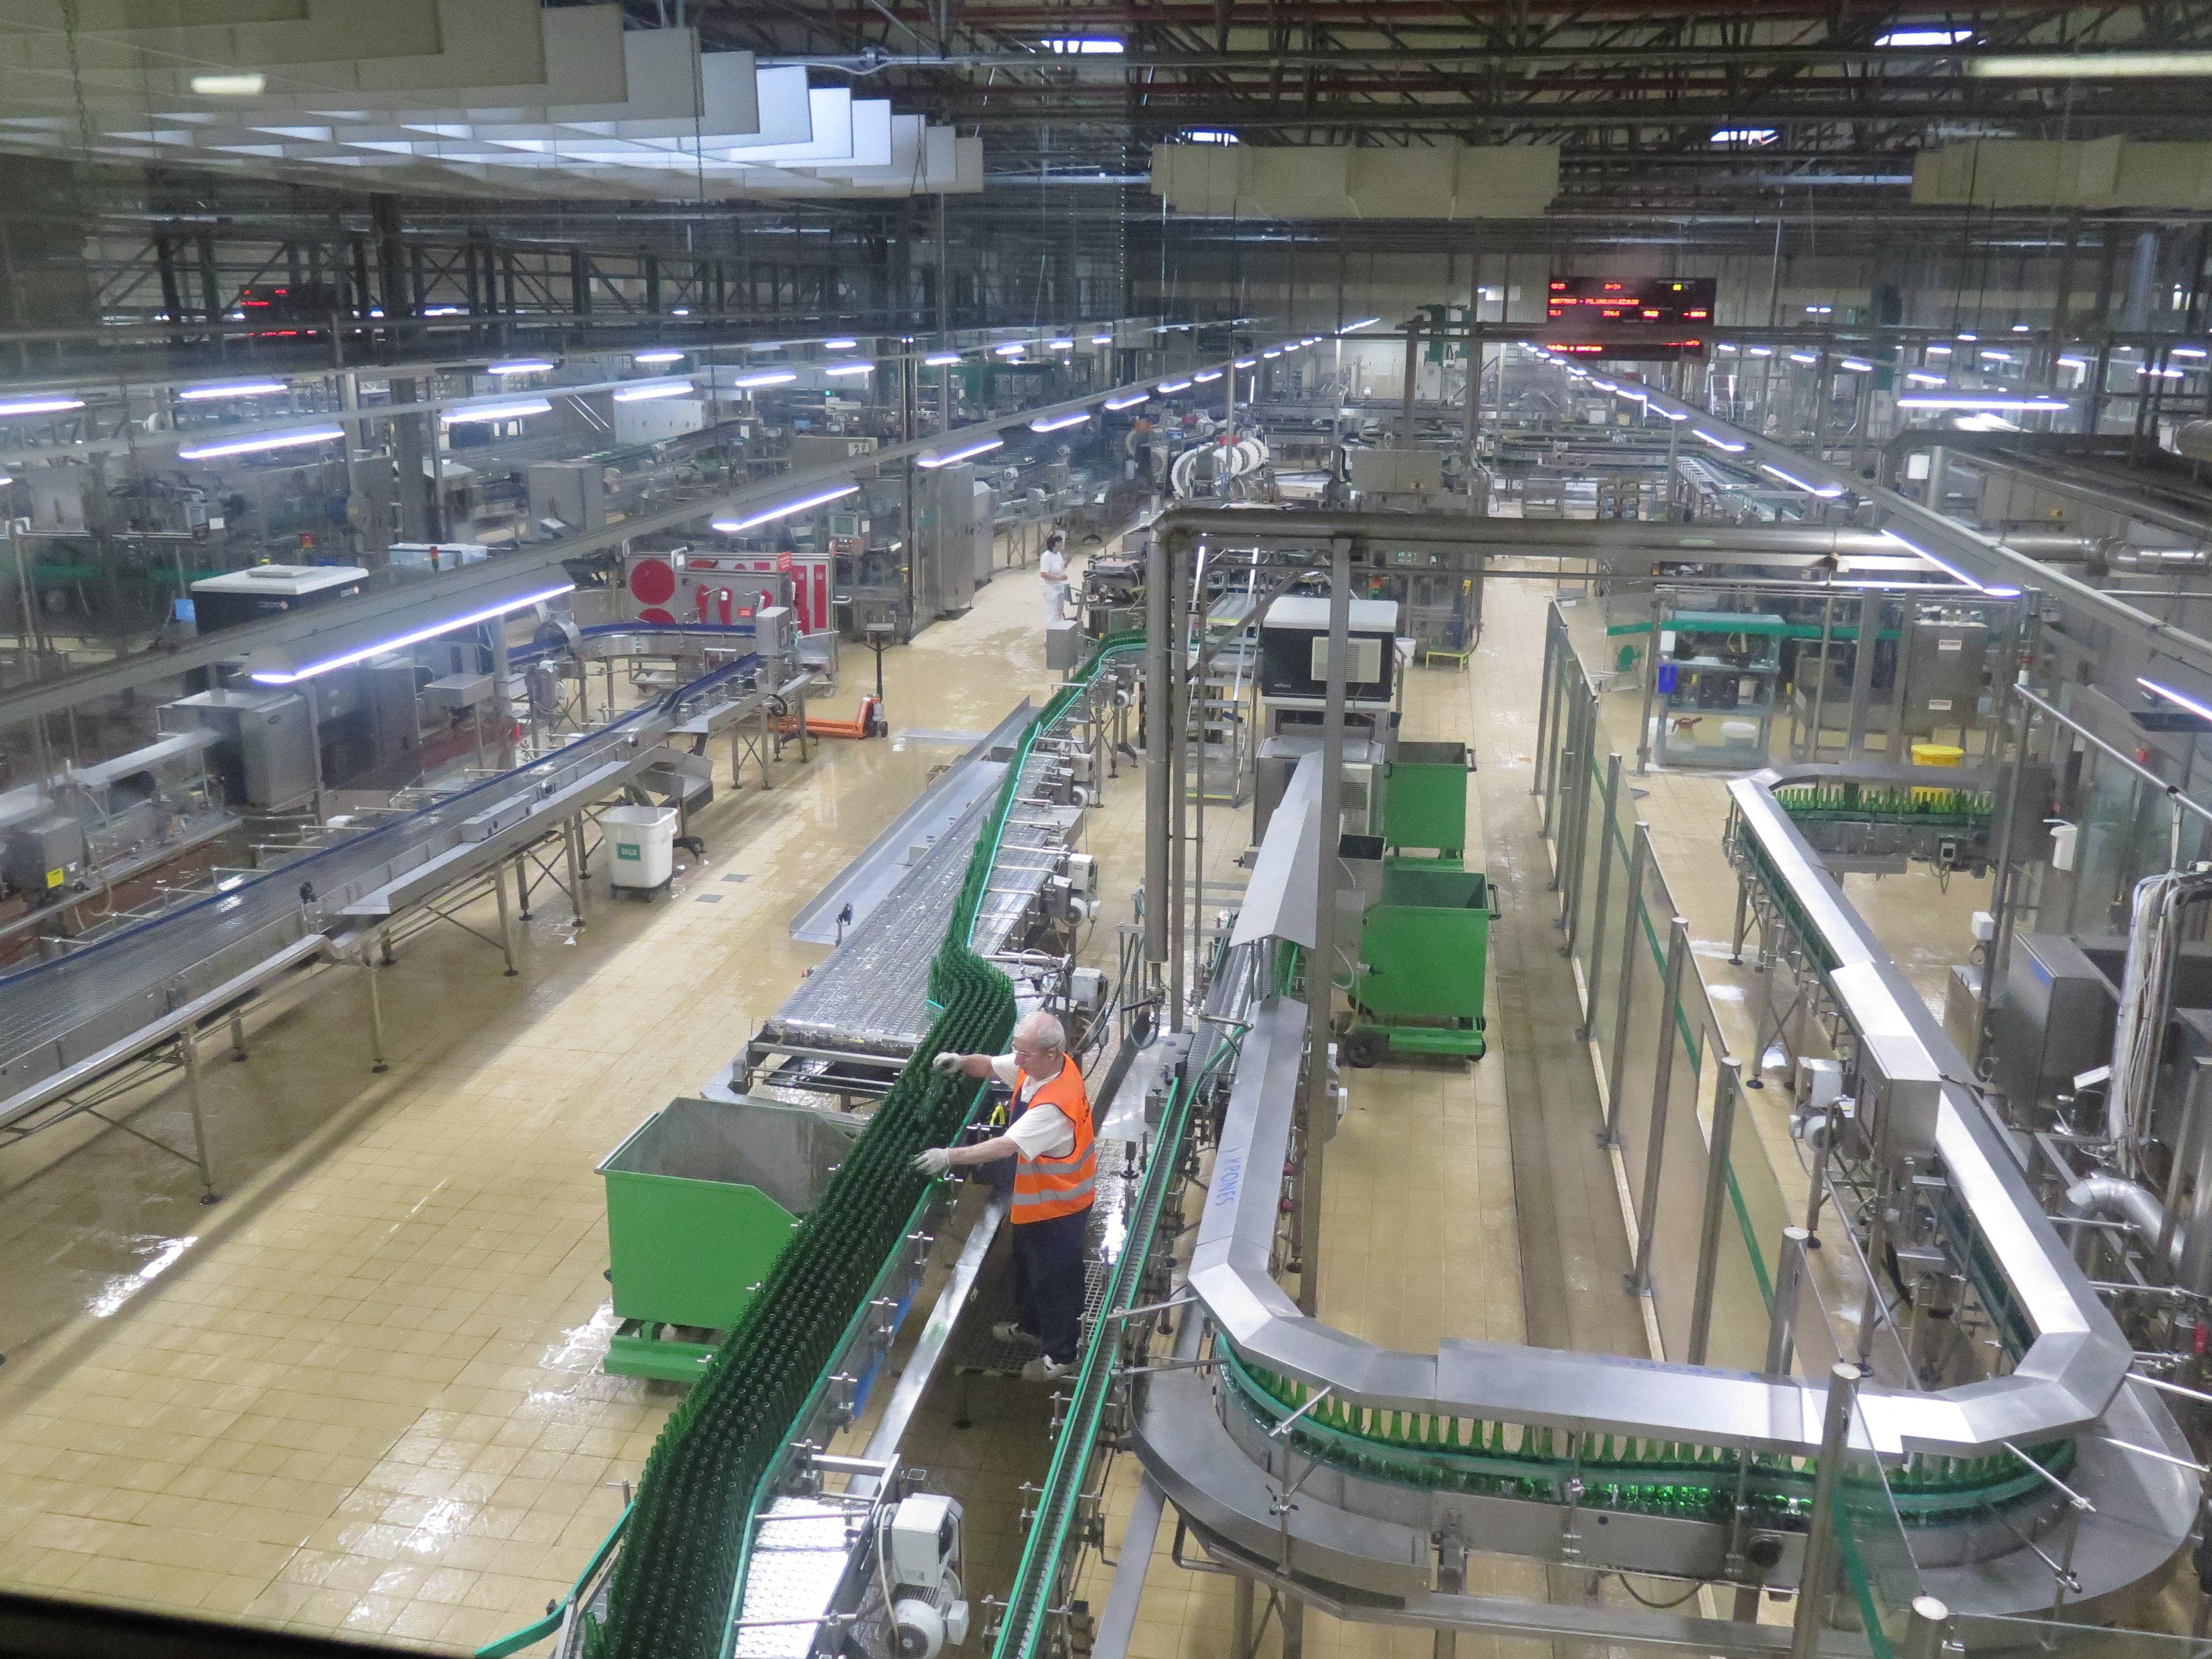 啤酒厂       皮尔森啤酒依然保持低温发酵方法.